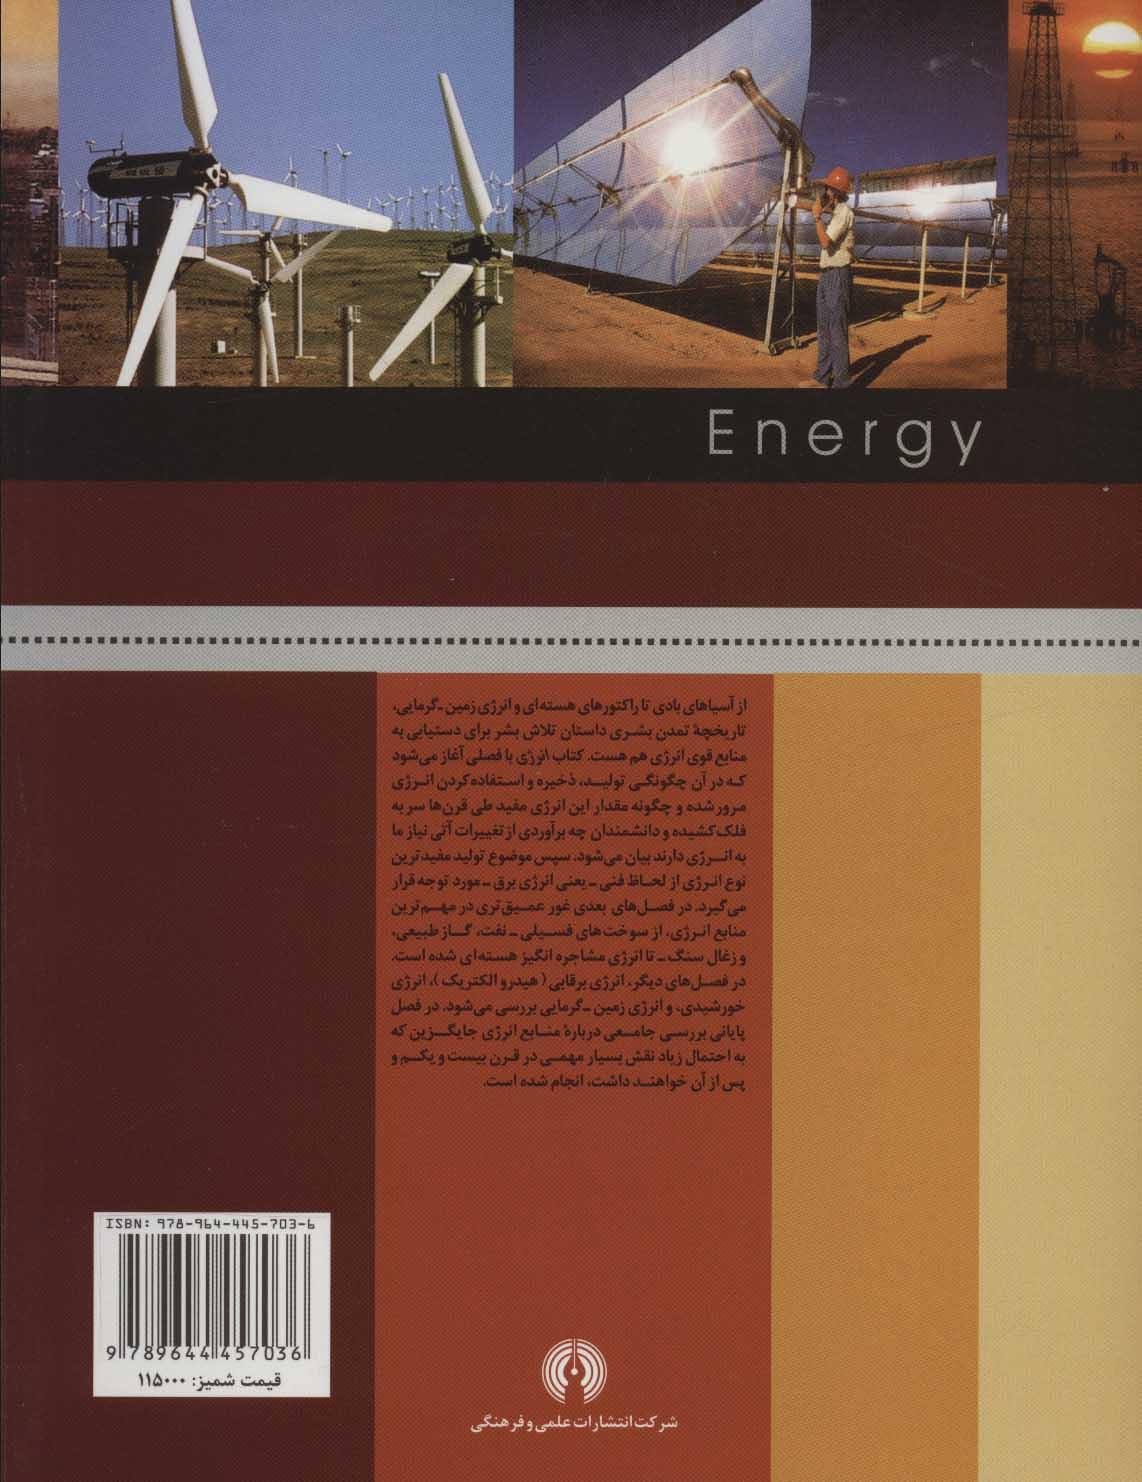 انرژی (دانش روز برای همه 5)